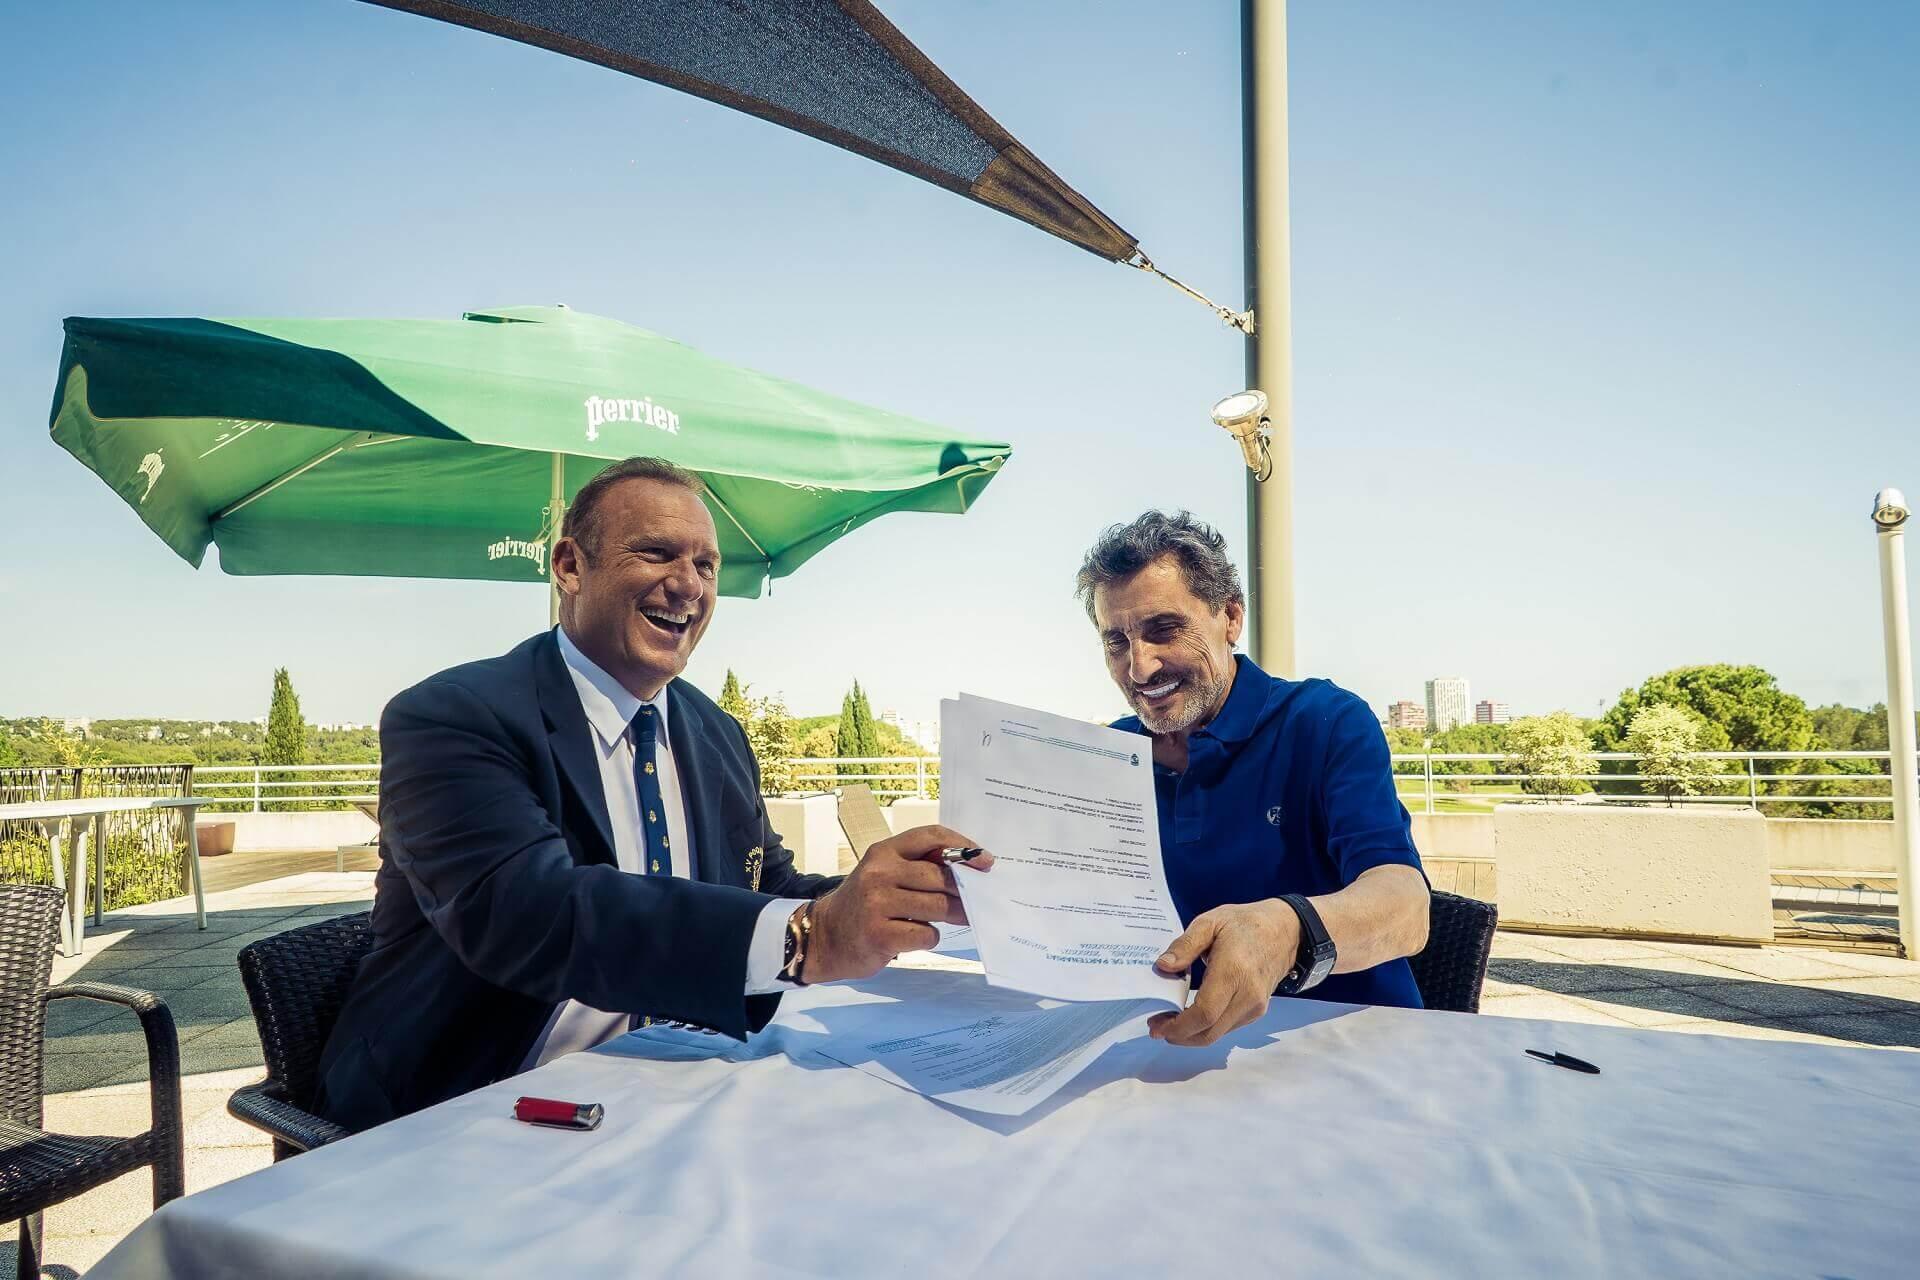 Renouvellement de la convention de partenariat entre le Groupe Cap Santé (groupe d'hospitalisation privée) et le MHR (Montpellier Hérault Rugby)